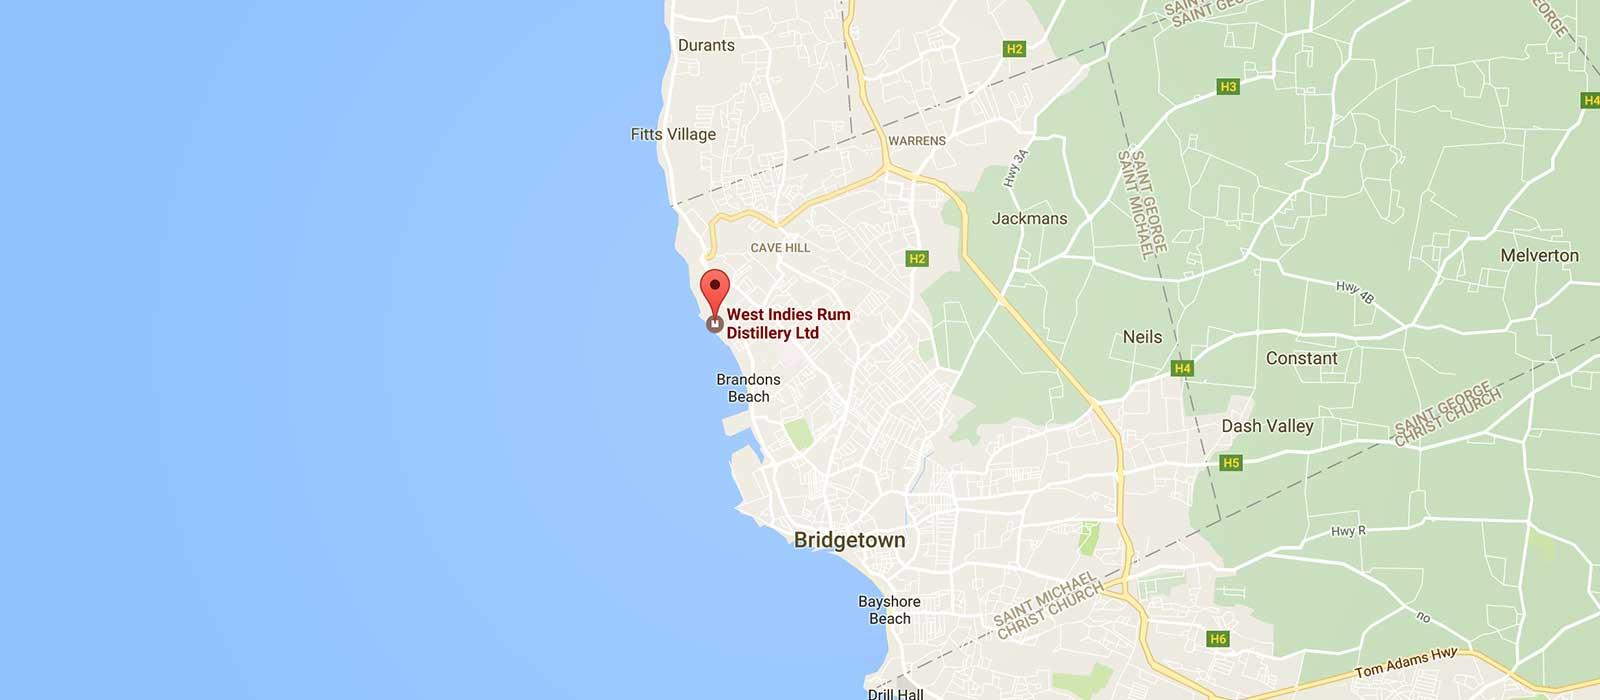 Maison Ferrand köper West Indies Rum Distillery